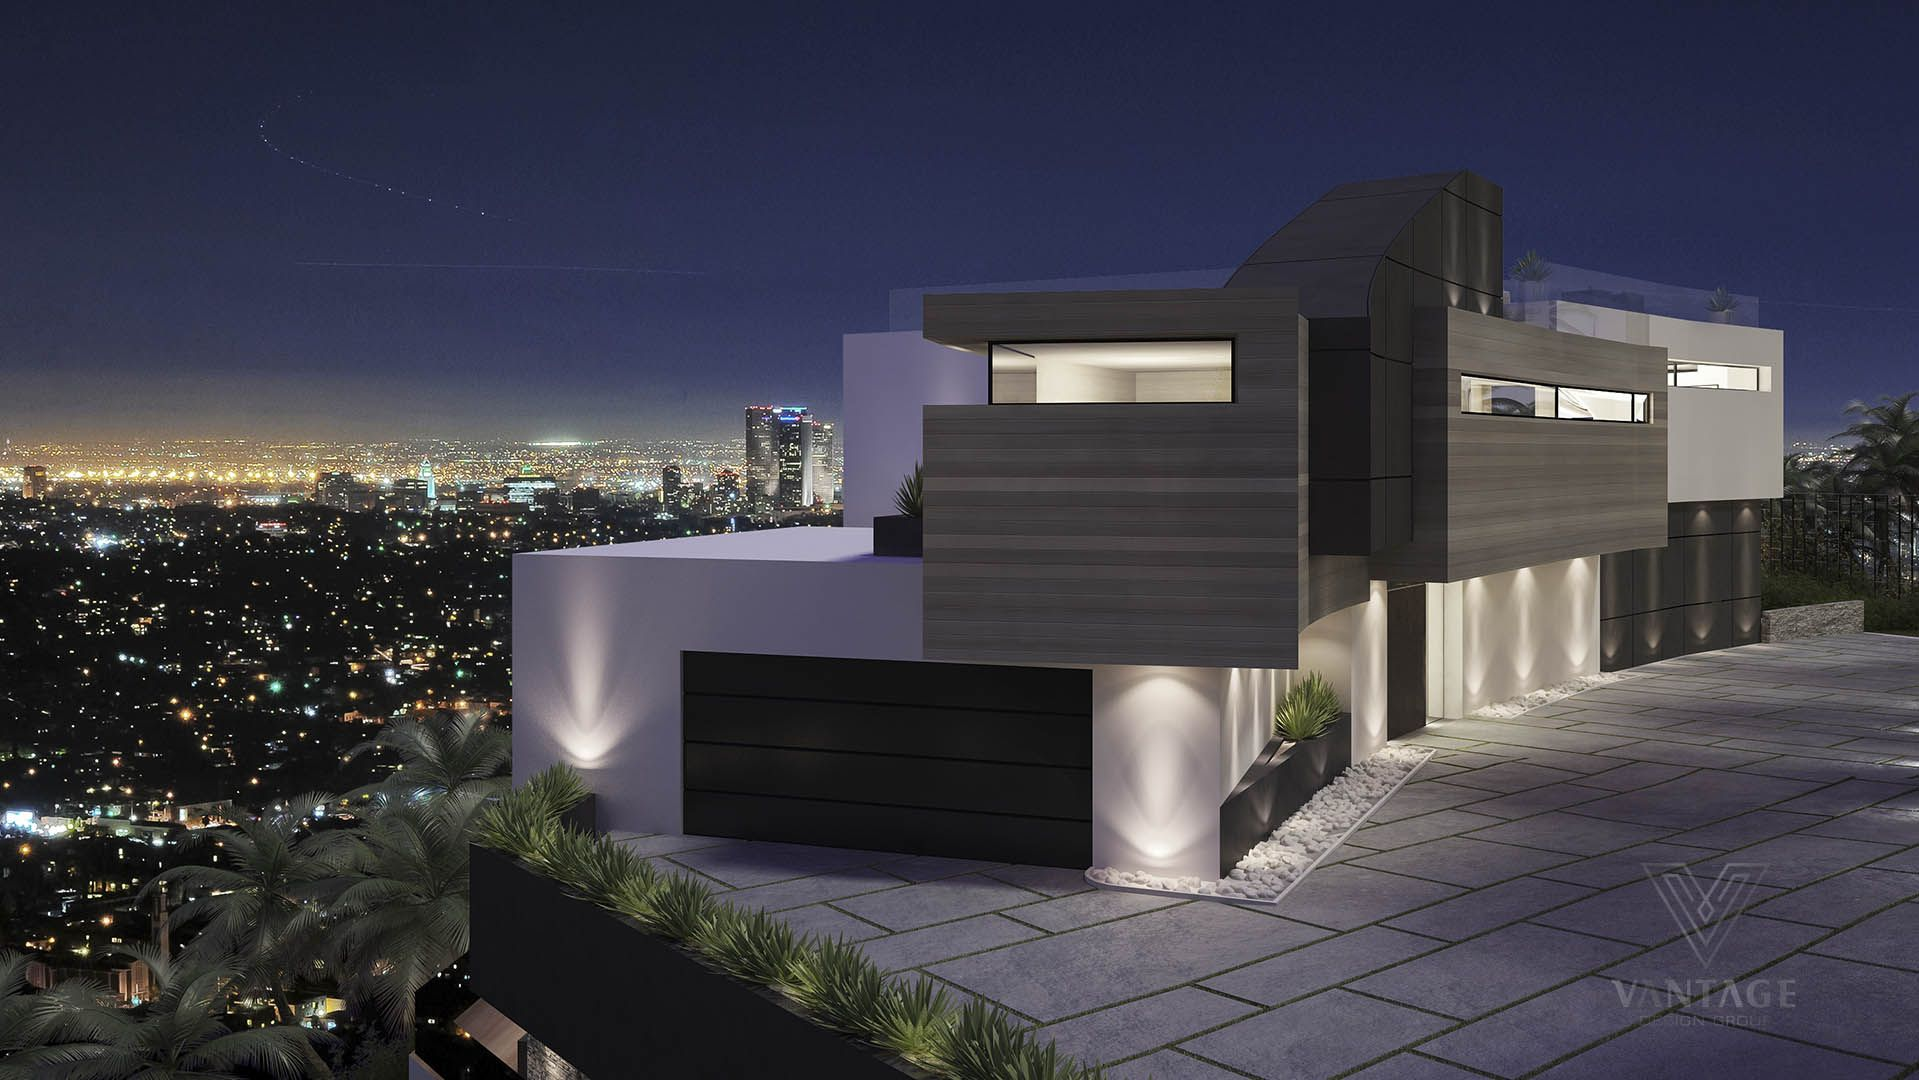 7640 Curson - Vantage Design Group | Concept architecture, Architecture,  Modern architecture